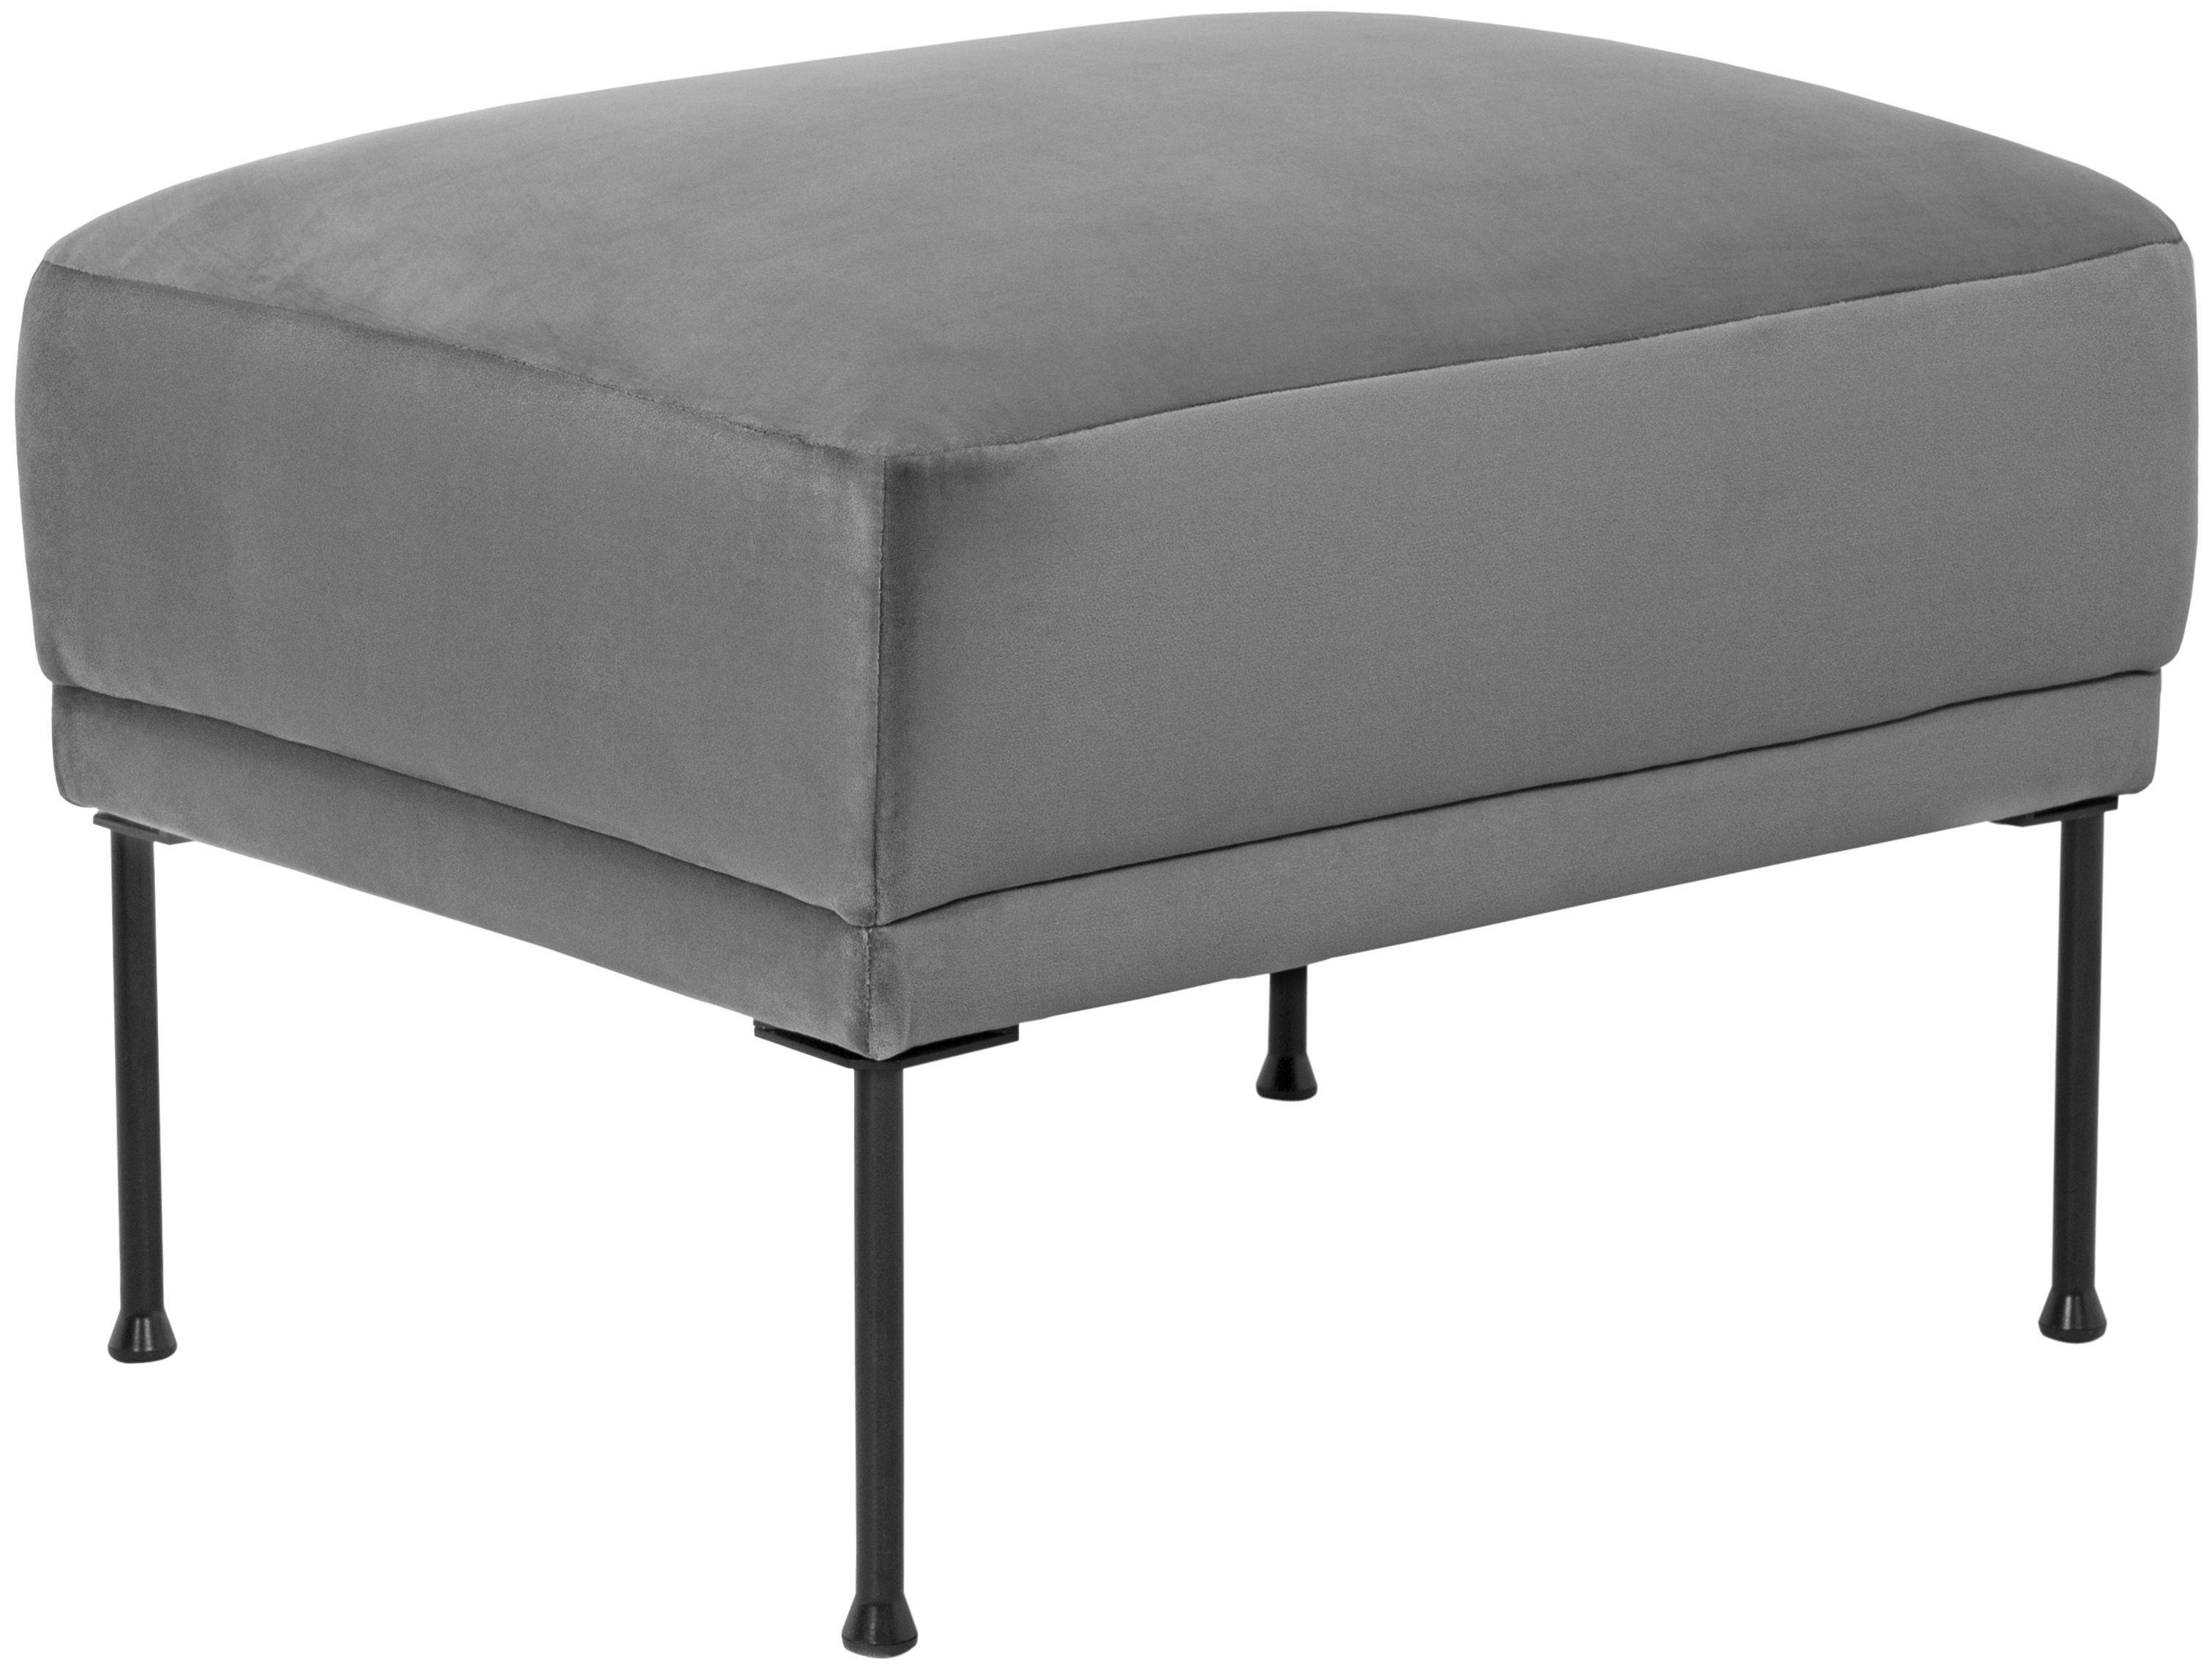 Sofa-Hocker Fluente aus Samt, Bezug: Samt (Hochwertiger Polyes, Gestell: Massives Kiefernholz, Füße: Metall, pulverbeschichtet, Samt Hellgrau, 62 x 46 cm